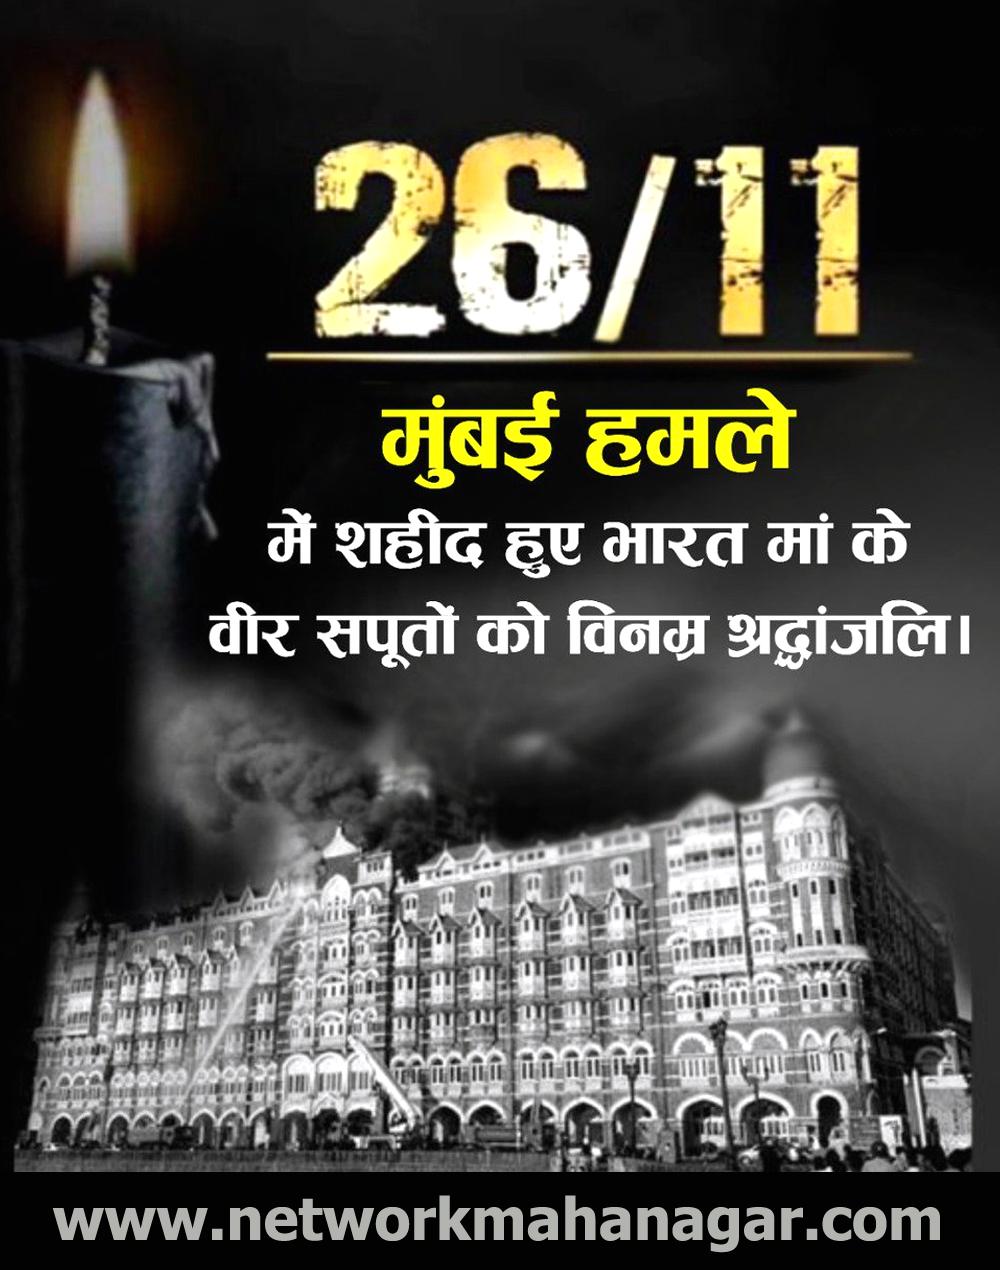 मुंबई में 26 नवंबर 2008 को हुए आतंकवादी हमले के दौरान शहीद हुए जवानों और मारे गए लोगों को भावभीनी श्रद्धांजलि! सम्पादक- राजेश जायसवाल